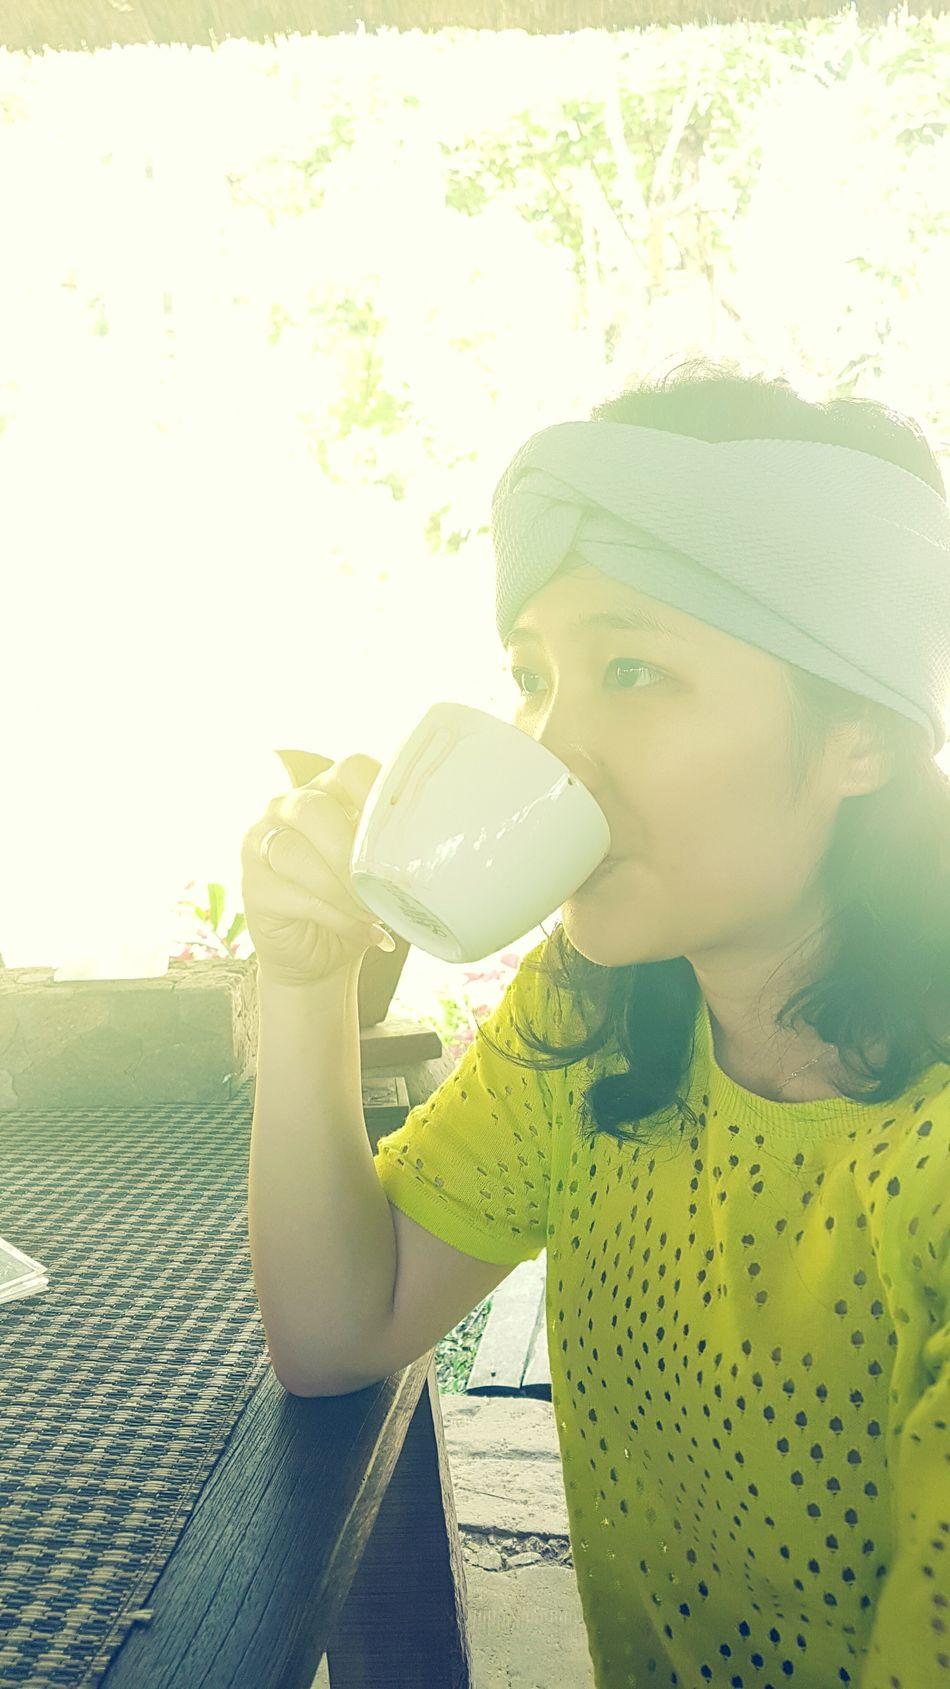 Enjoying my luwak coffee :) Luwakcoffee coffee